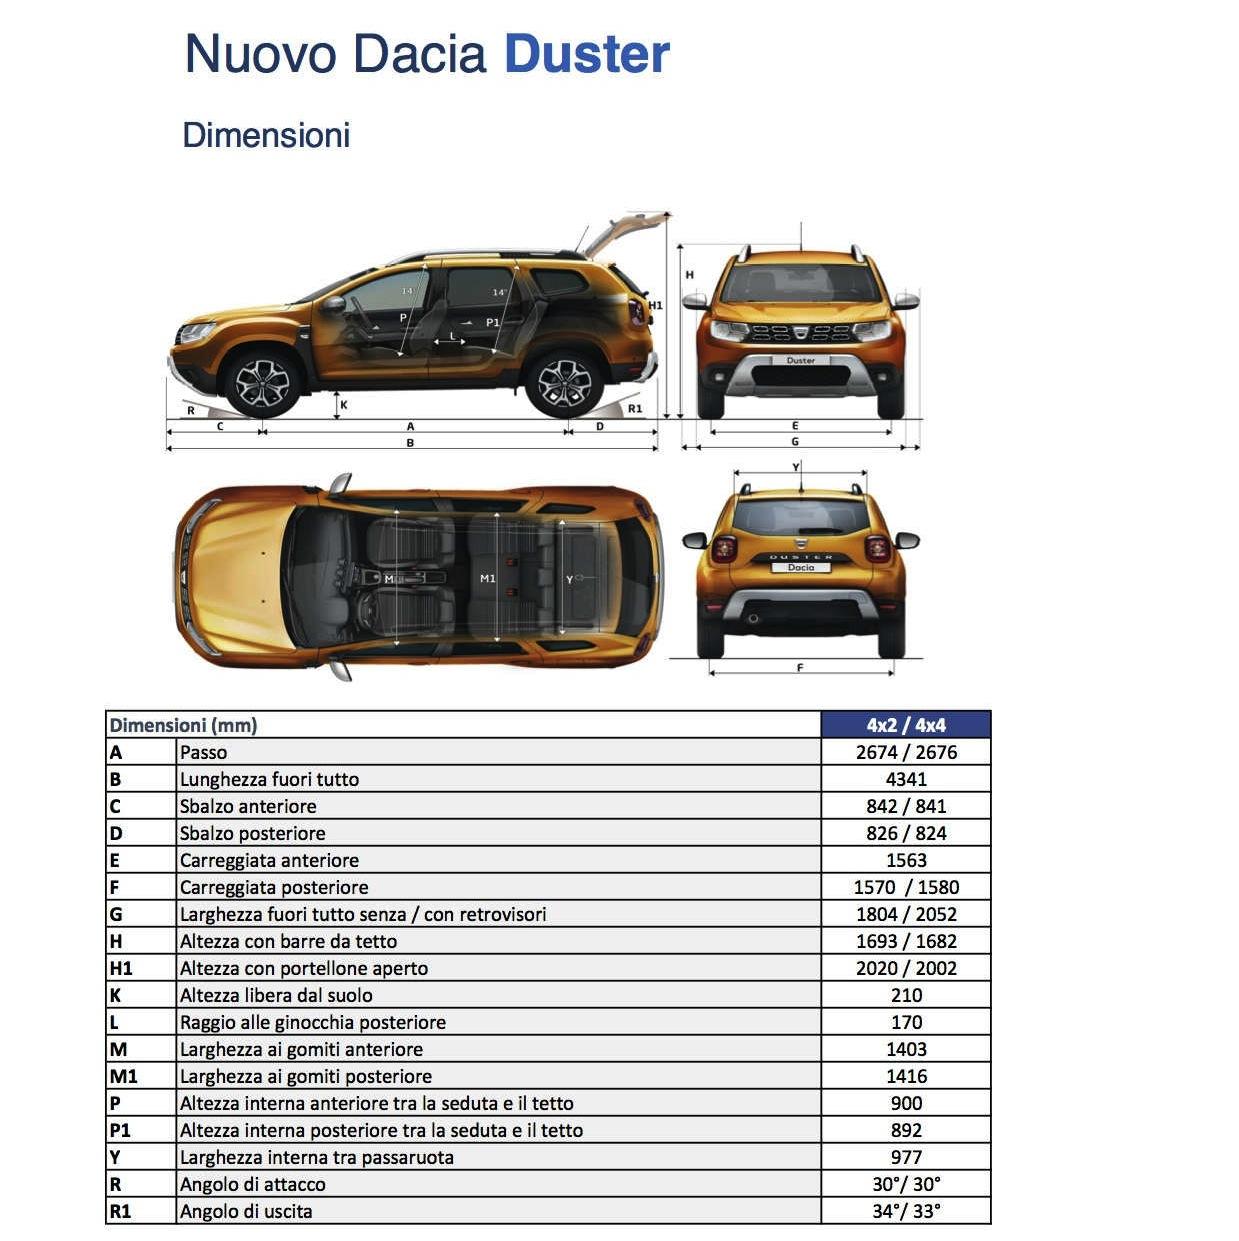 Dacia Duster 2018 dimensioni